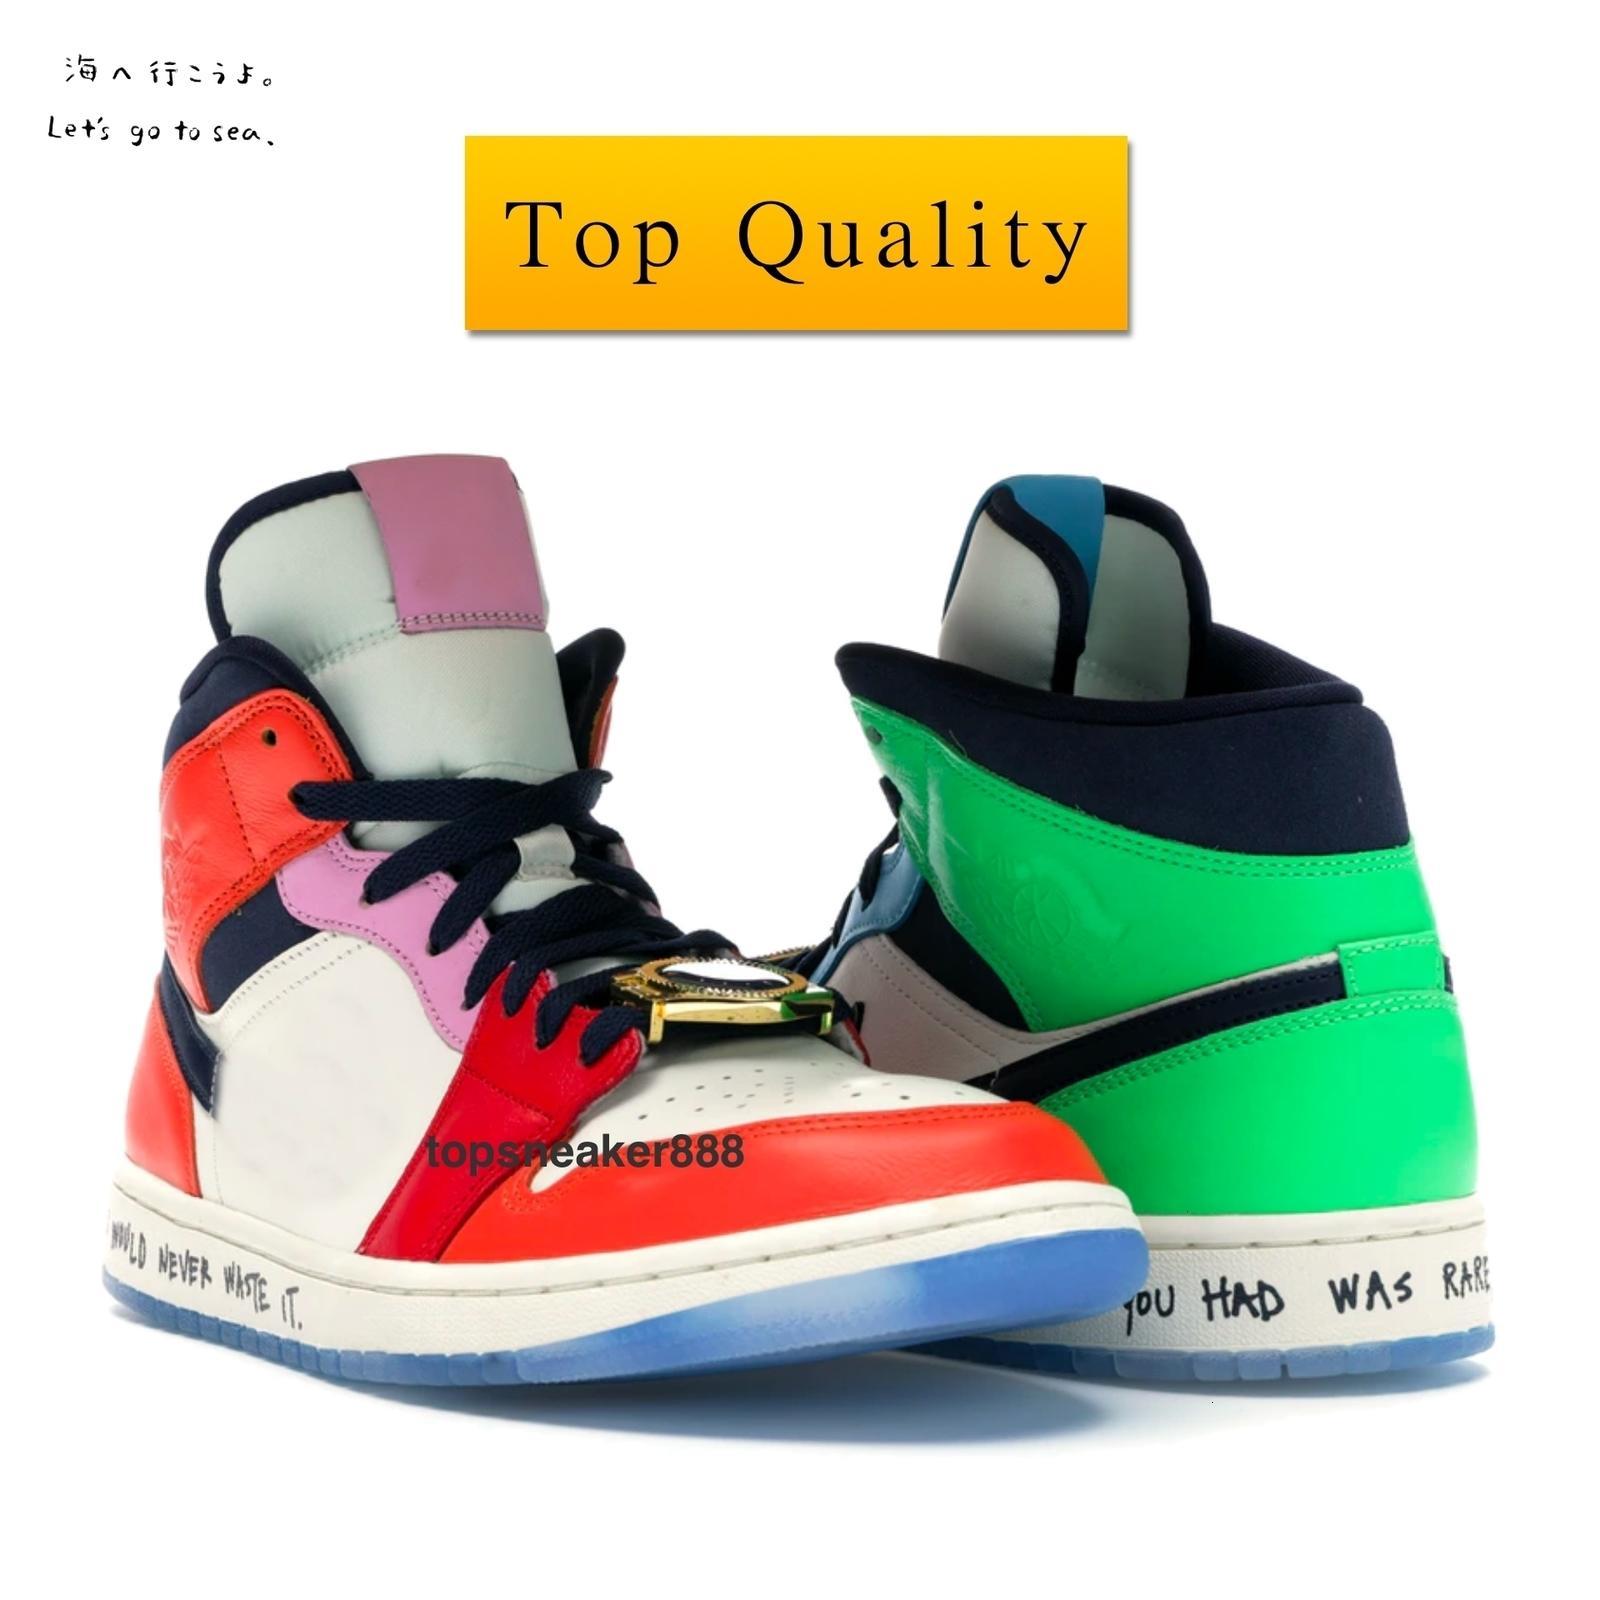 J 1 منتصف حد ذاته بلا خوف ميلودي Ehsani og الجودة رجل حذاء رياضة الأحمر والأخضر النساء حذاء CQ7629-100